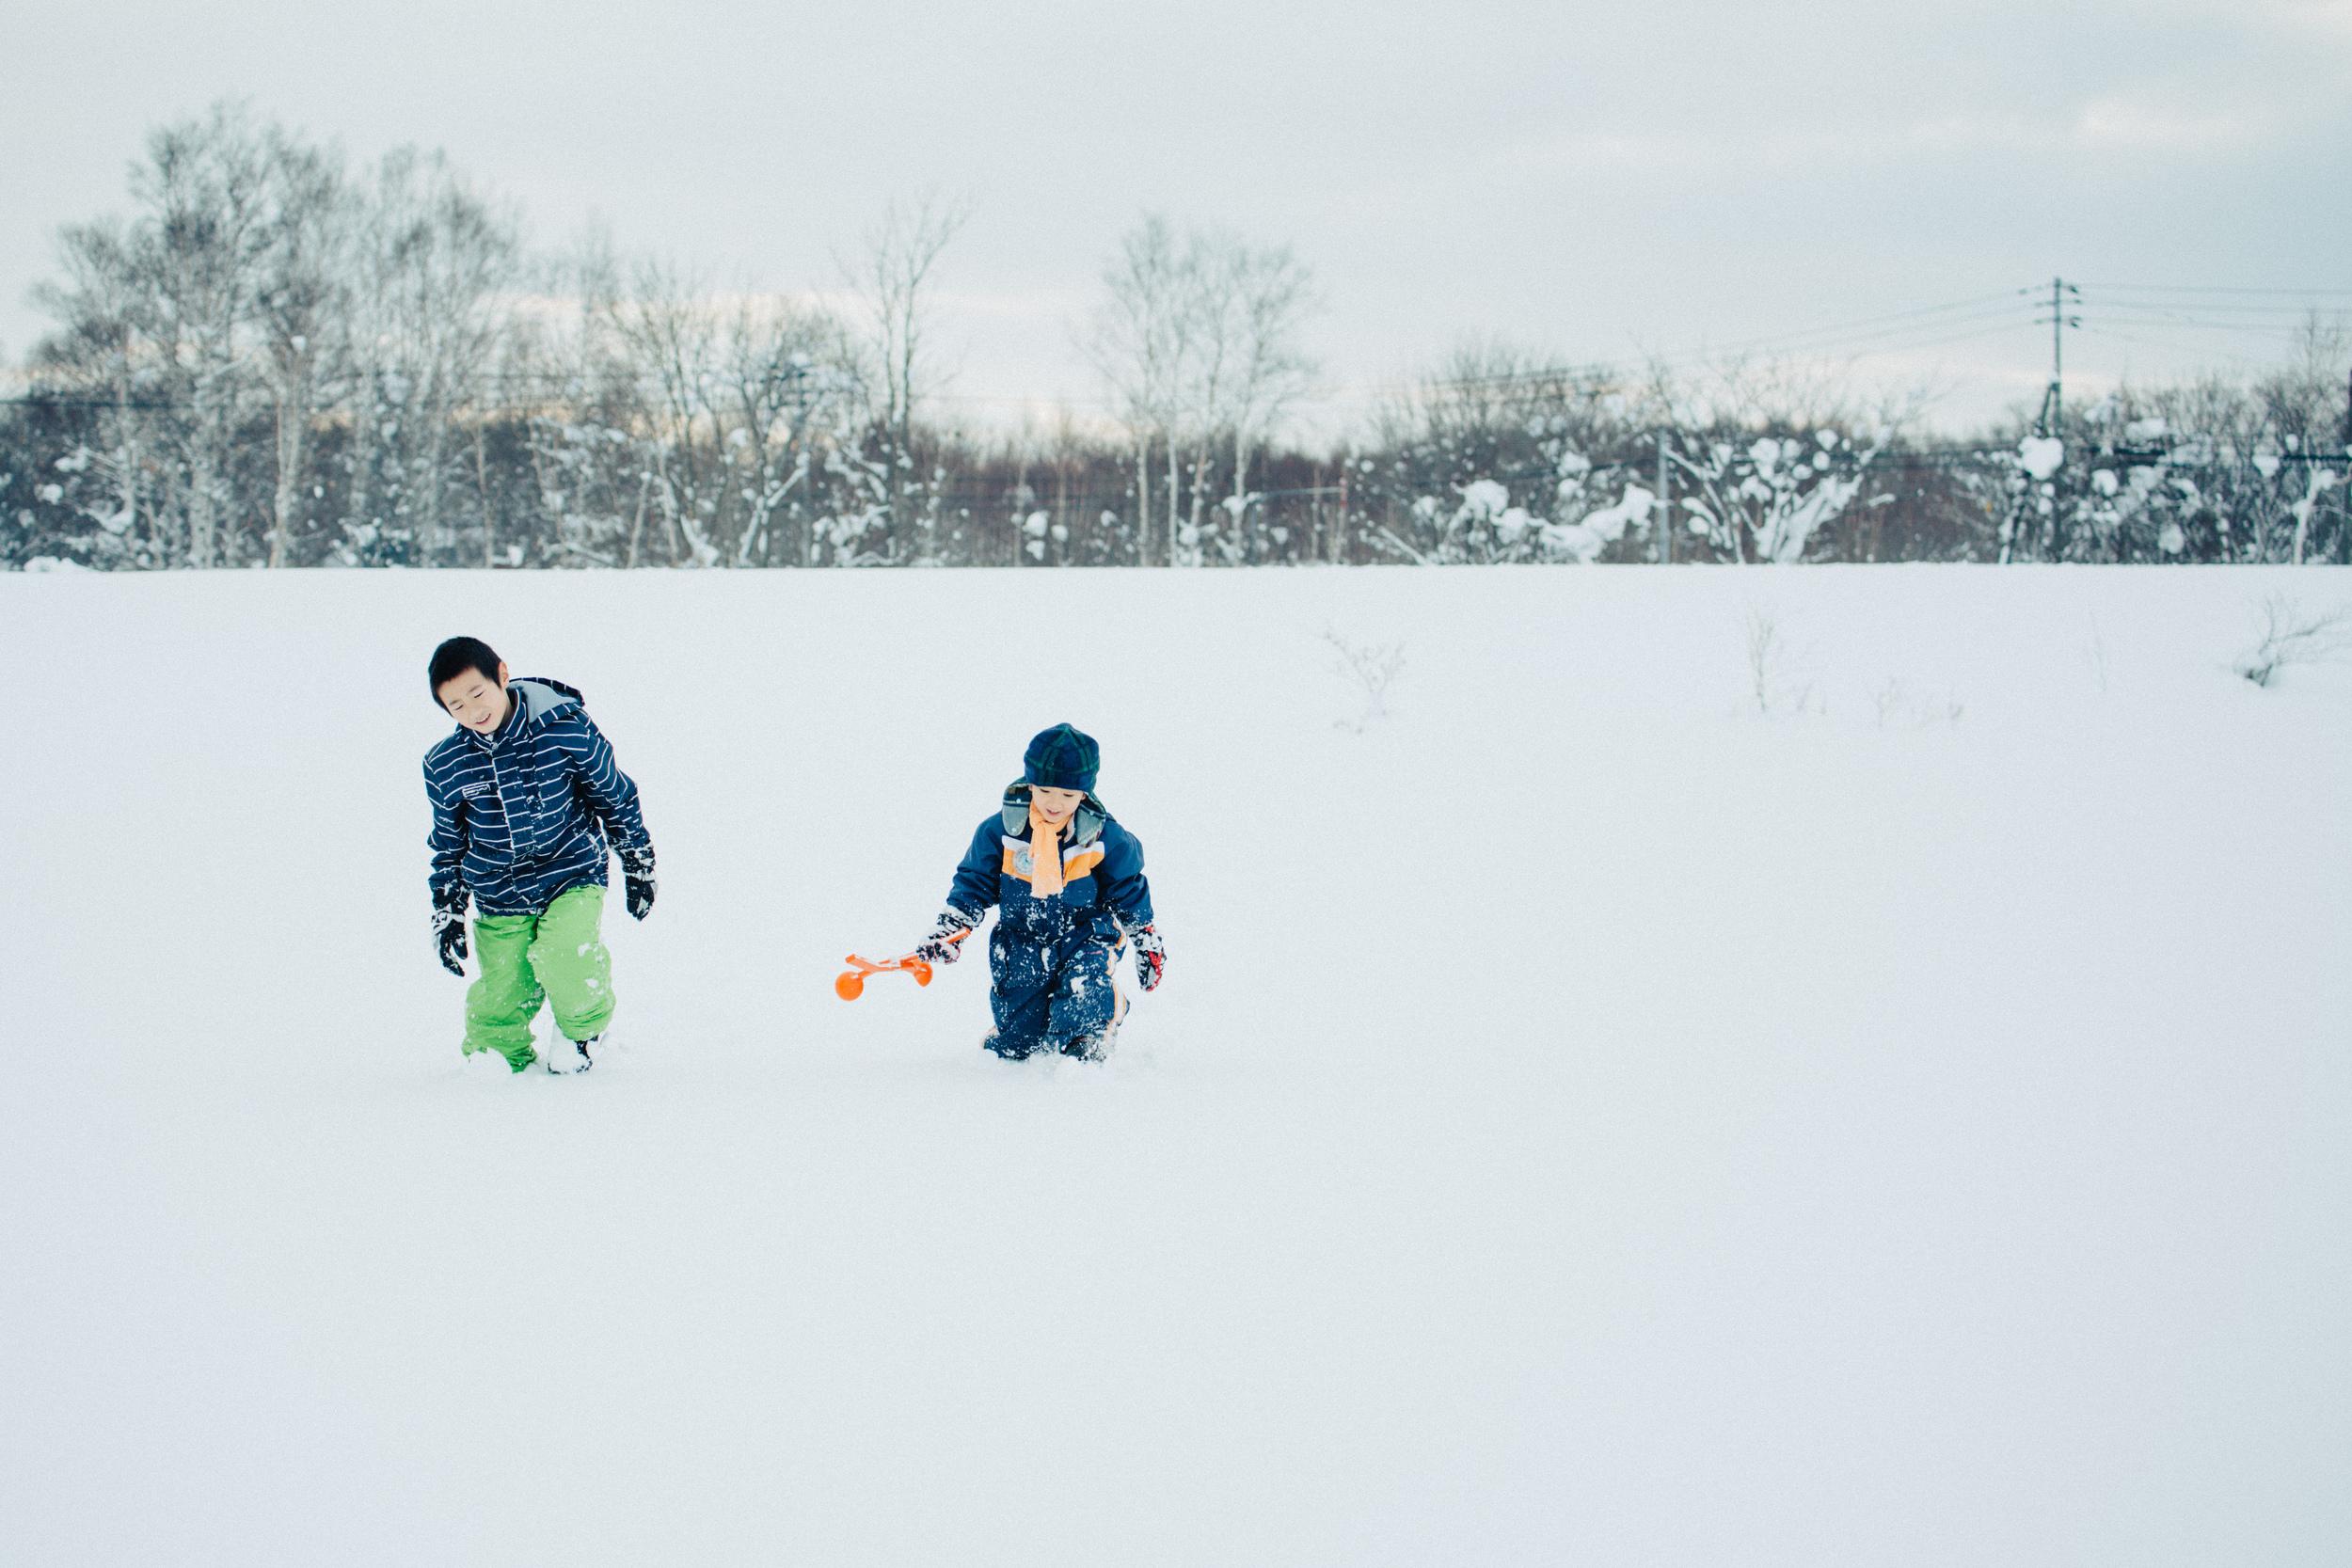 藤井さん的兩個兒子,在雪原中用力走來 ⓒ馮意欣